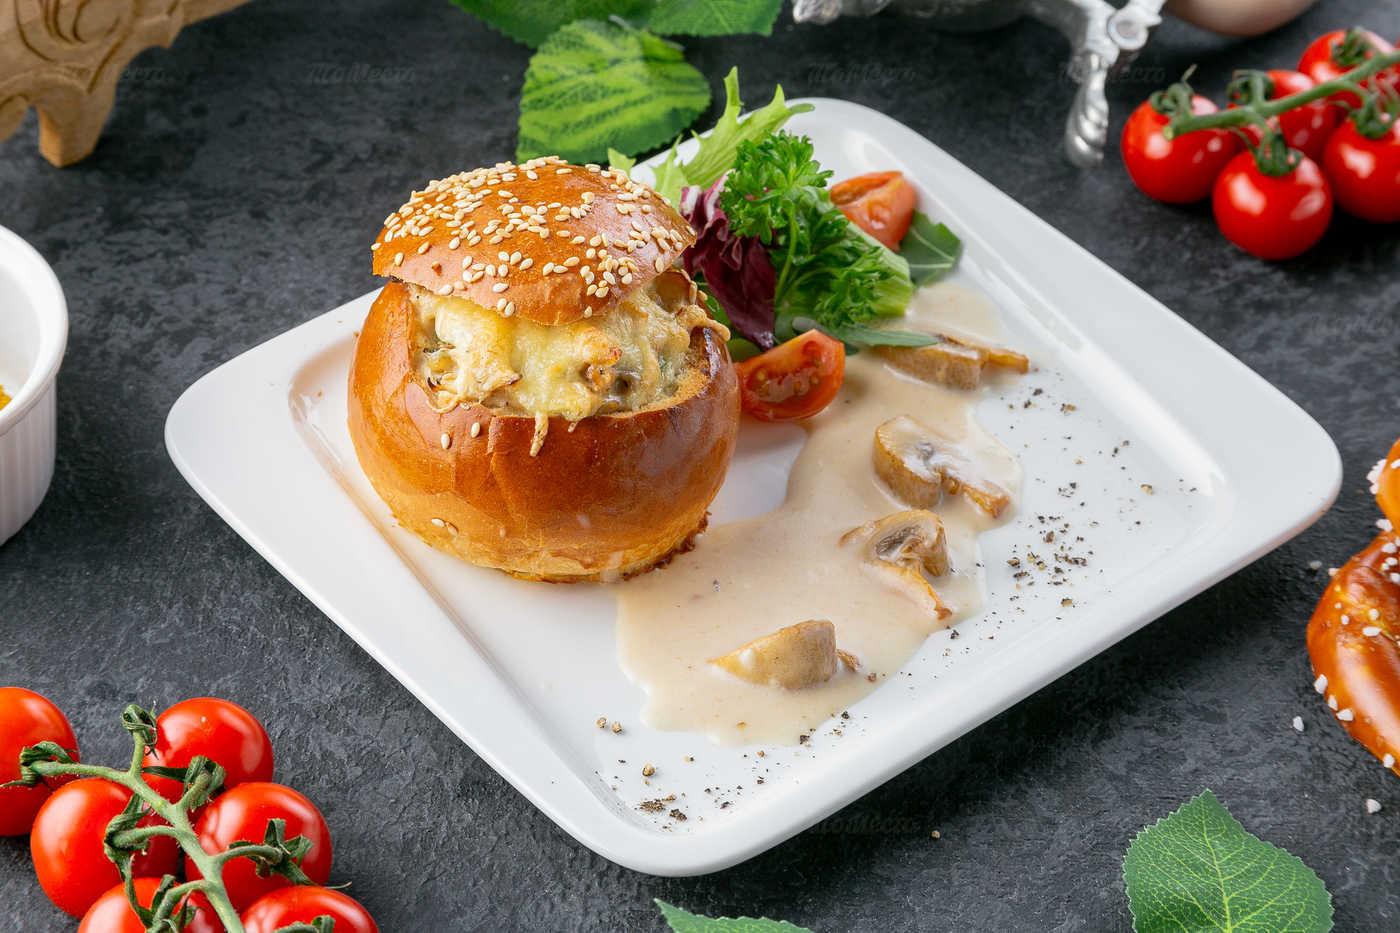 Меню ресторана Швабский Домик на Новочеркасском проспекте фото 83